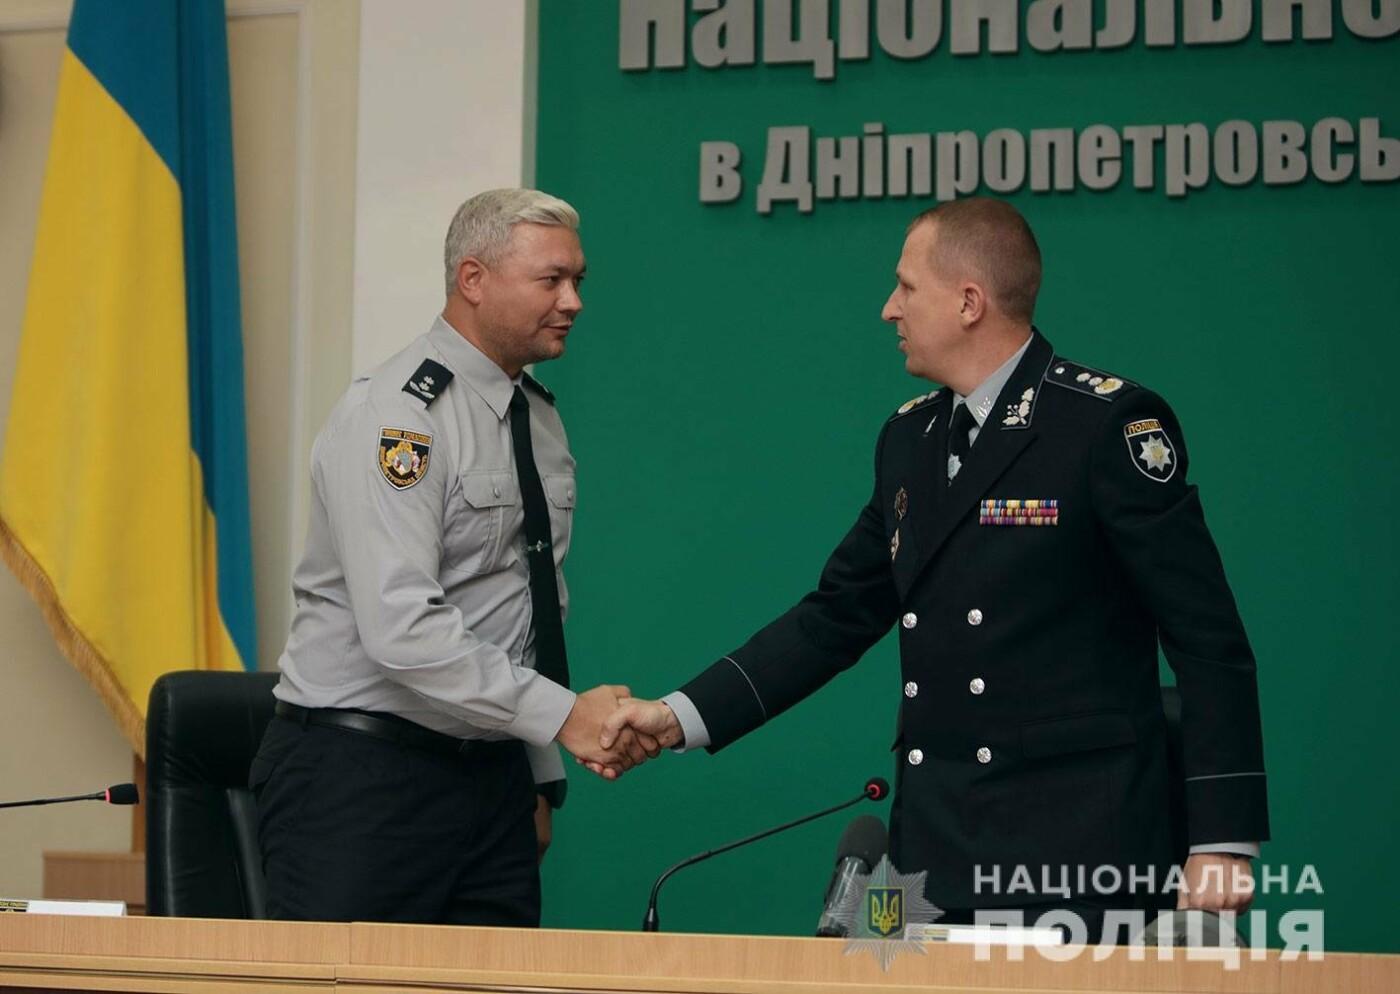 Аброськин представил нового руководителя полиции Днепропетровской области, - ФОТО, фото-2